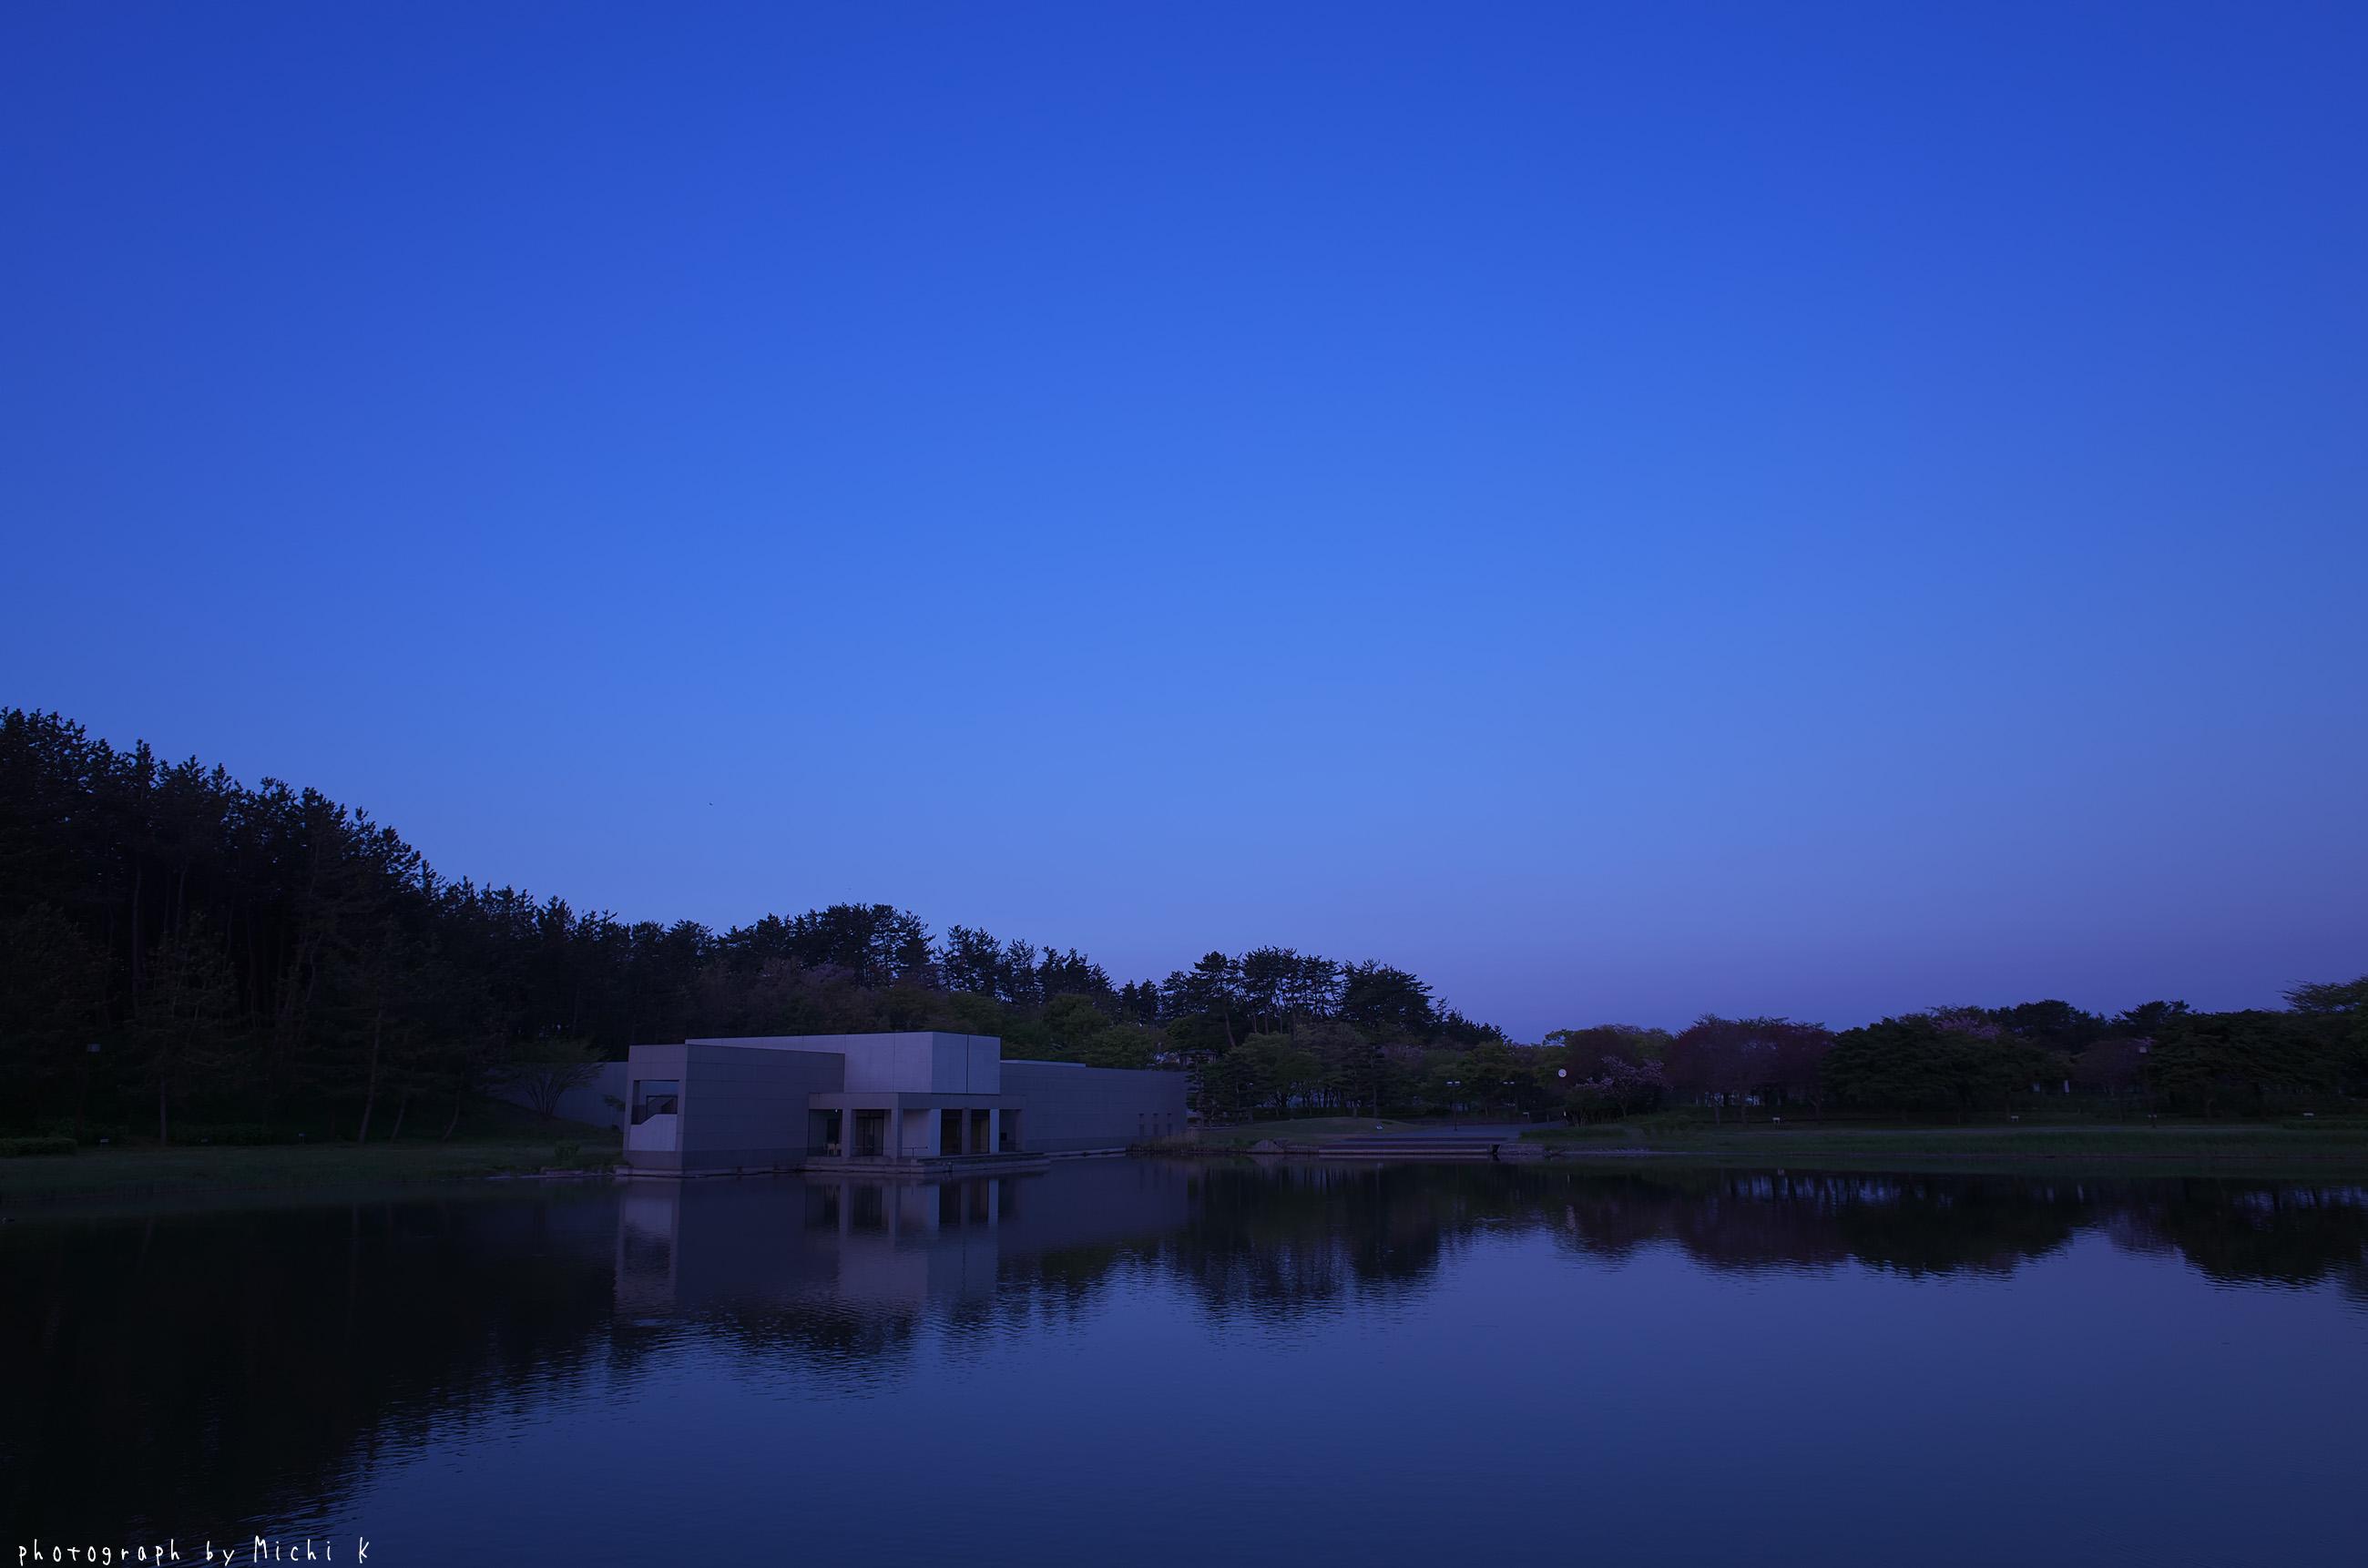 土門拳記念館2019-5-5夜明け前(写真その2)